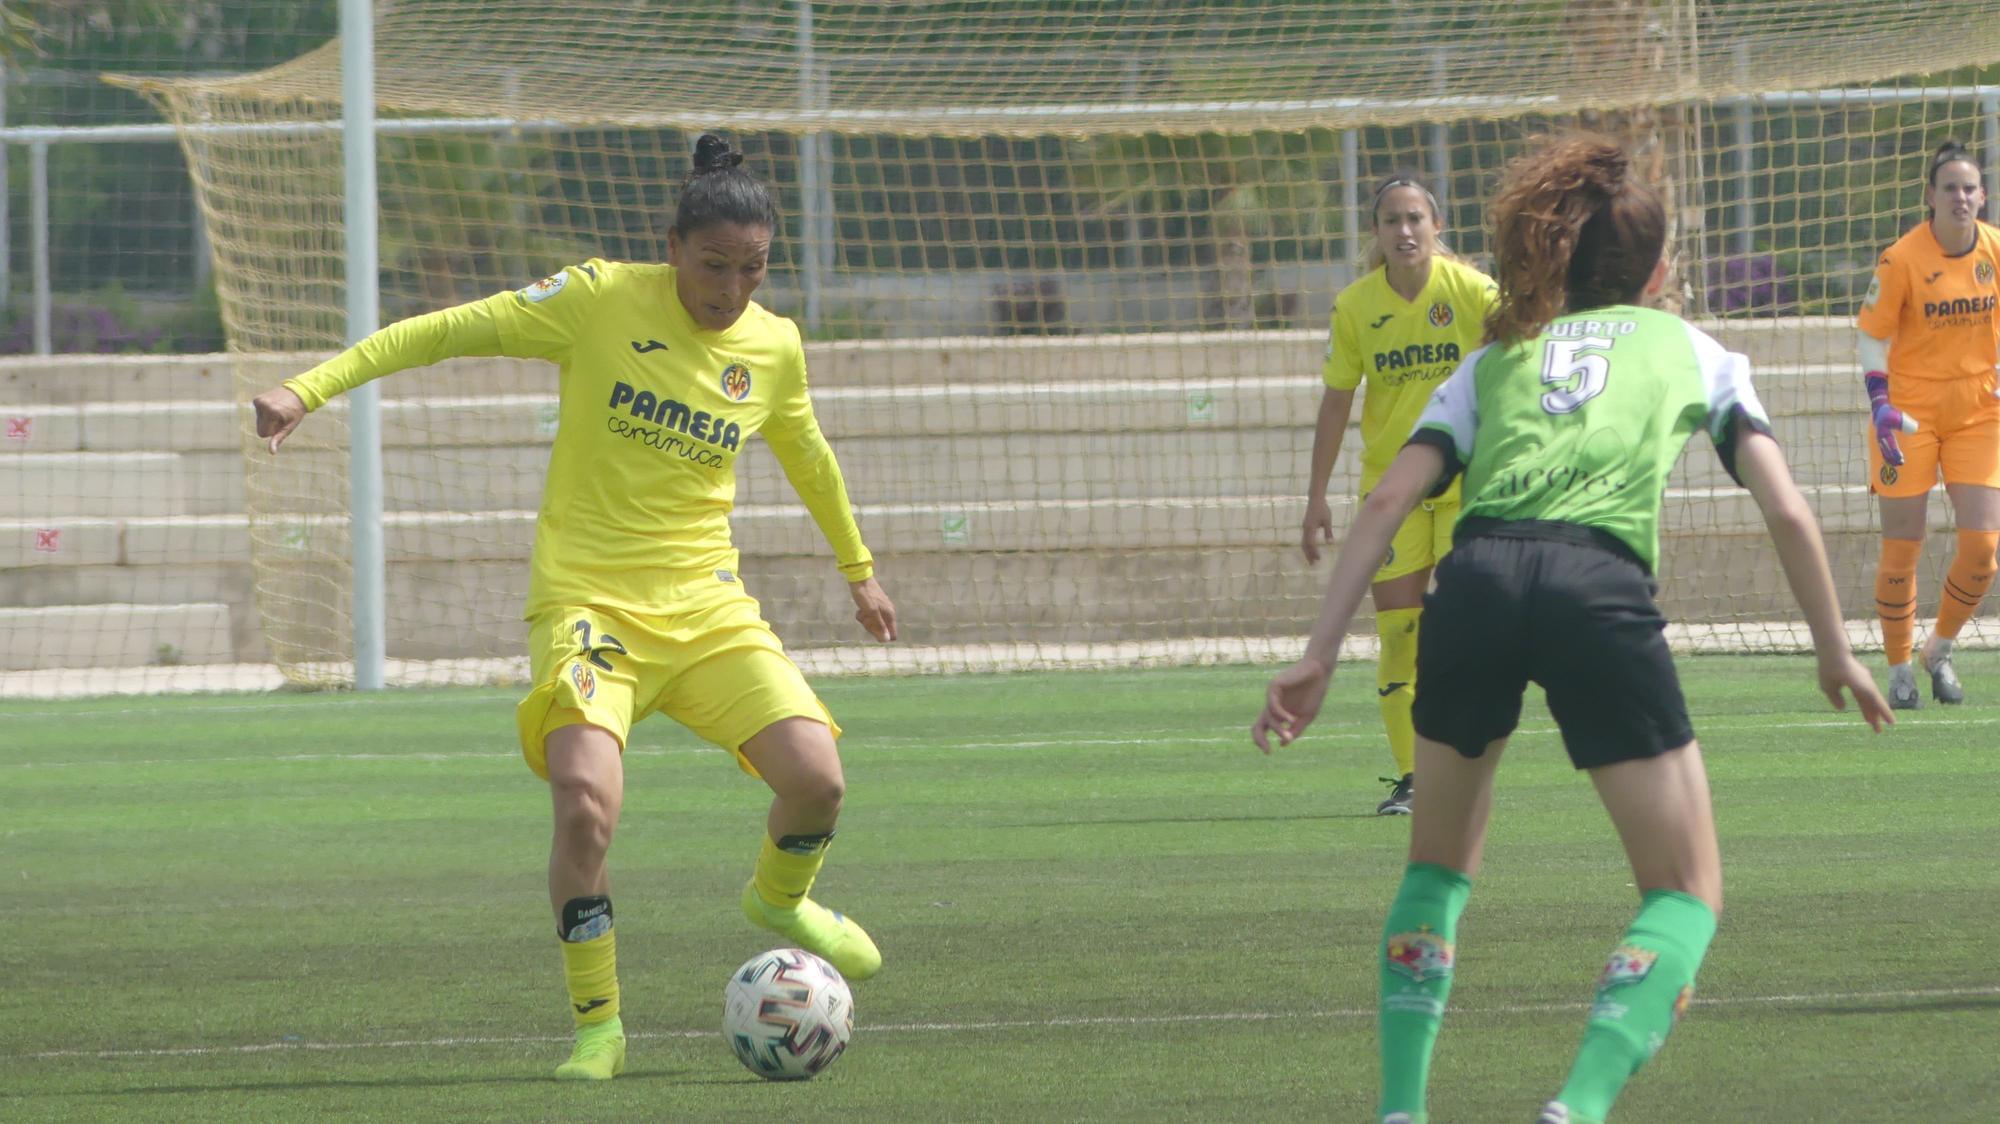 Villarreal Femenino vs Caceres (18).JPG